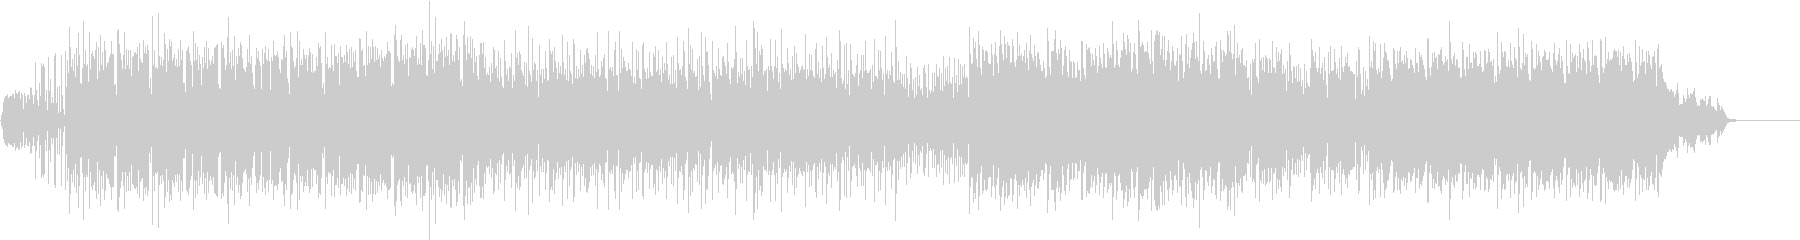 アクション向けのビート重視ポストロックの未再生の波形